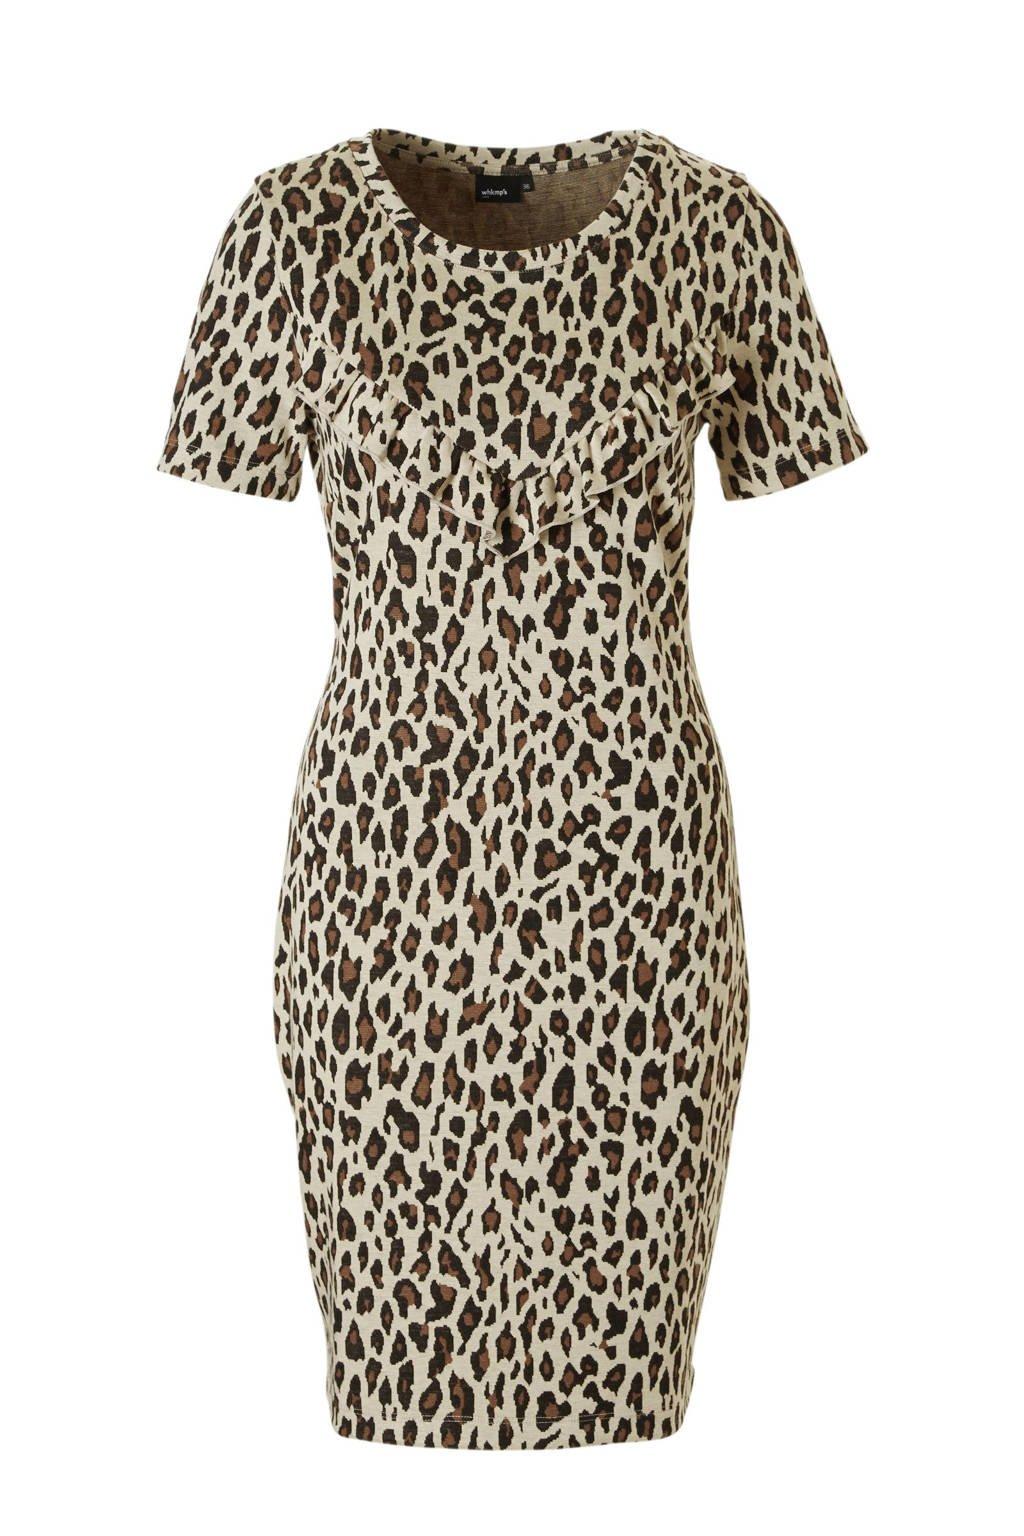 whkmp's own jurk met panterdessin, Beige/bruin